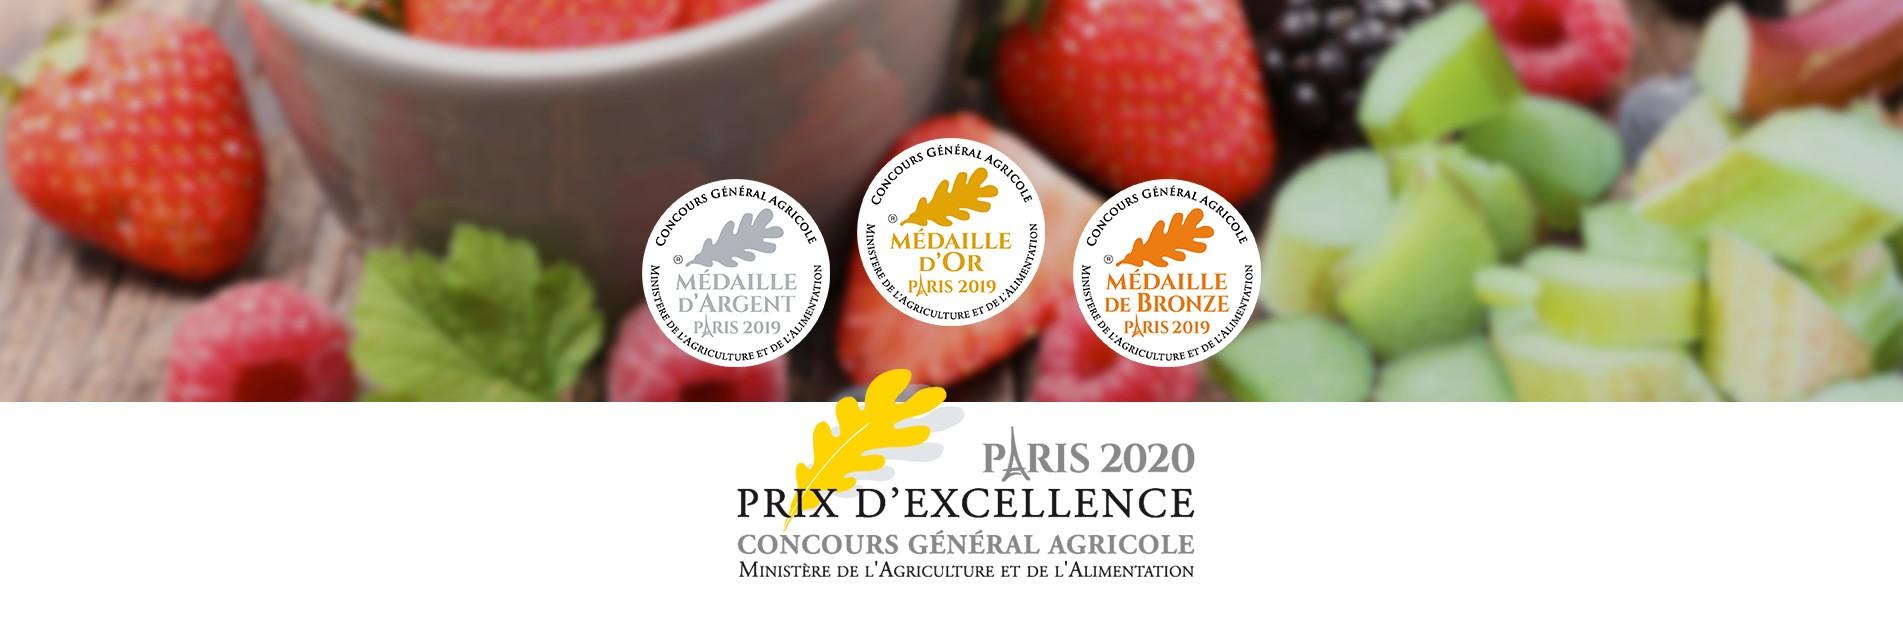 PRIX D'EXCELLENCE CONCOURS GENERAL AGRICOLE 2020